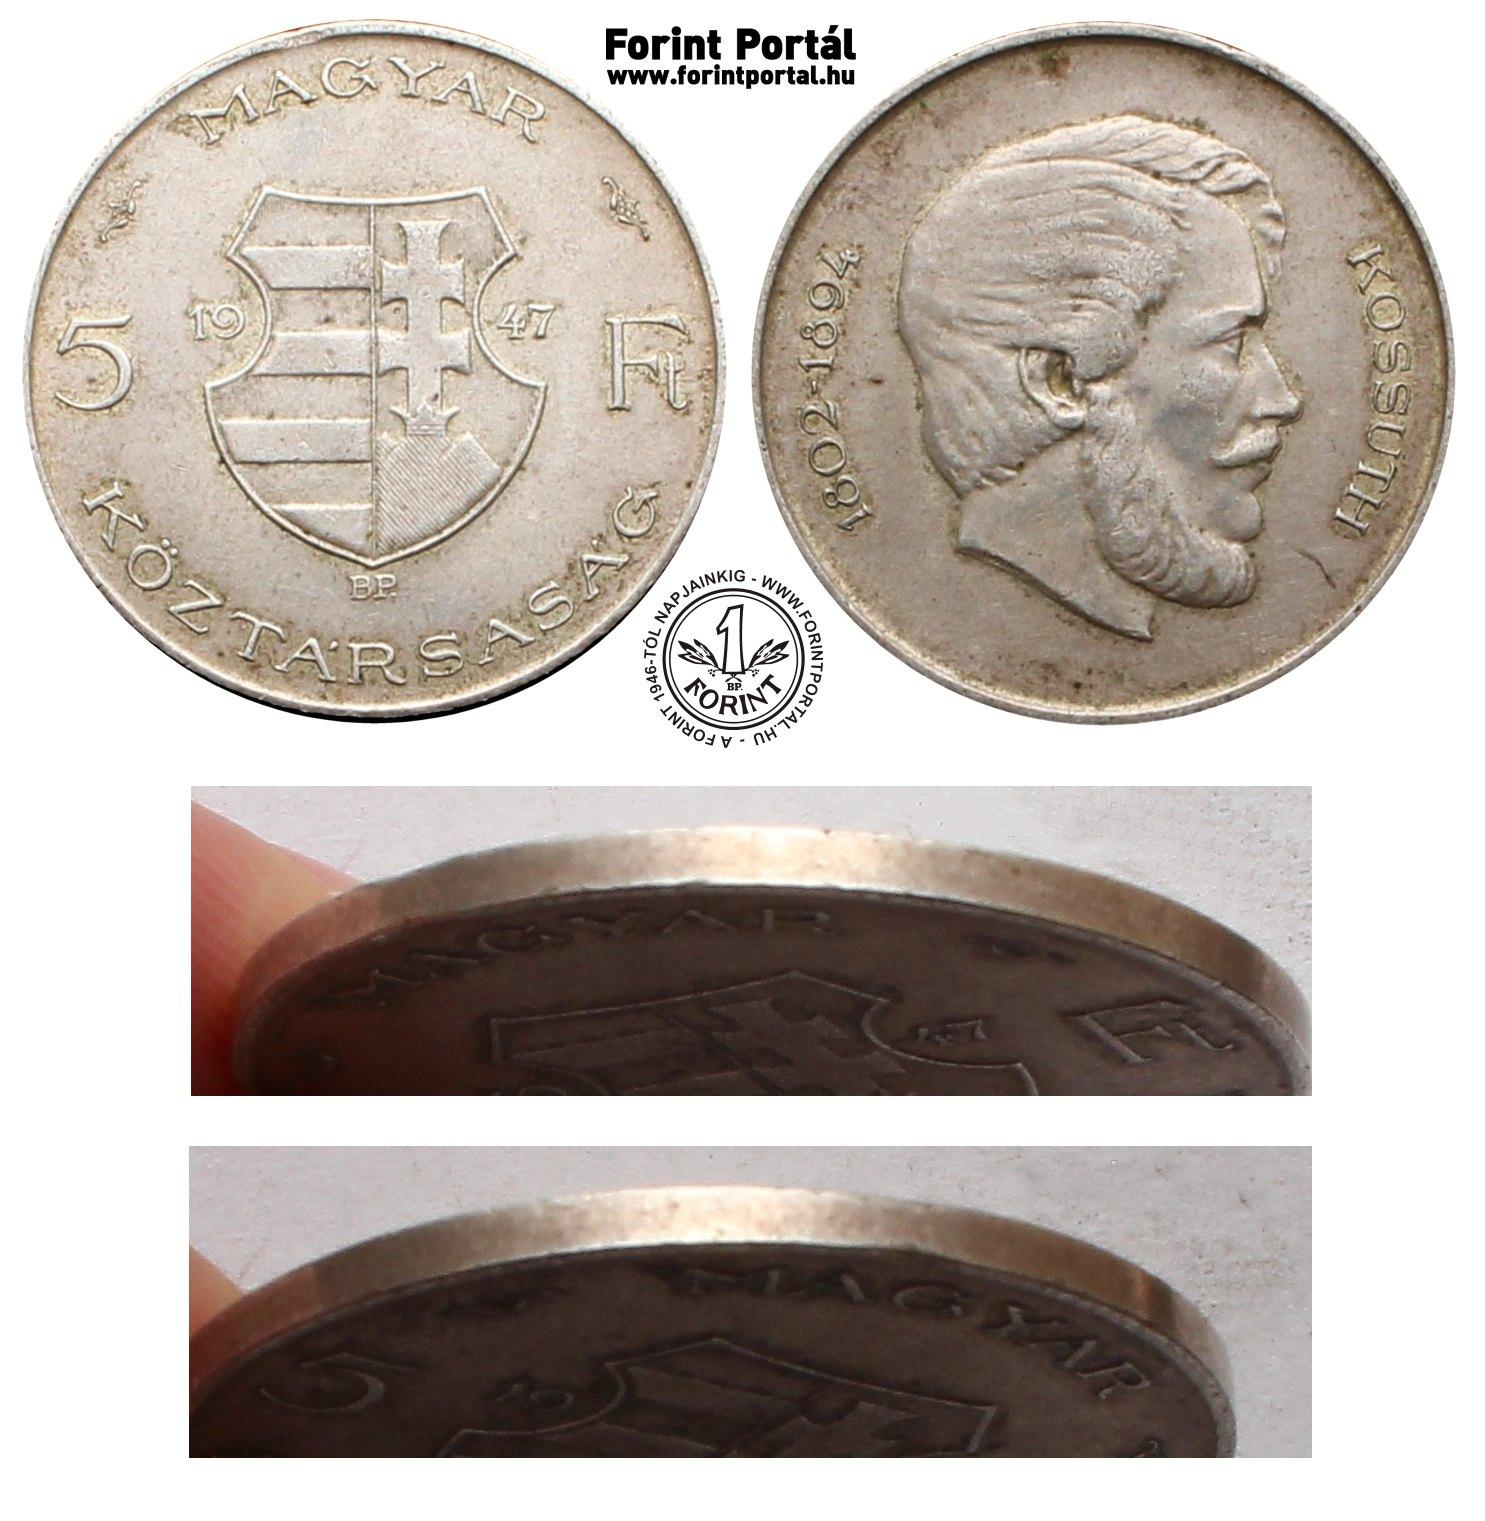 http://www.forintportal.hu/ritkasagkatalogus/5_forint/www_forintportal_hu_1947_5forint_peremirat_nelkul.jpg